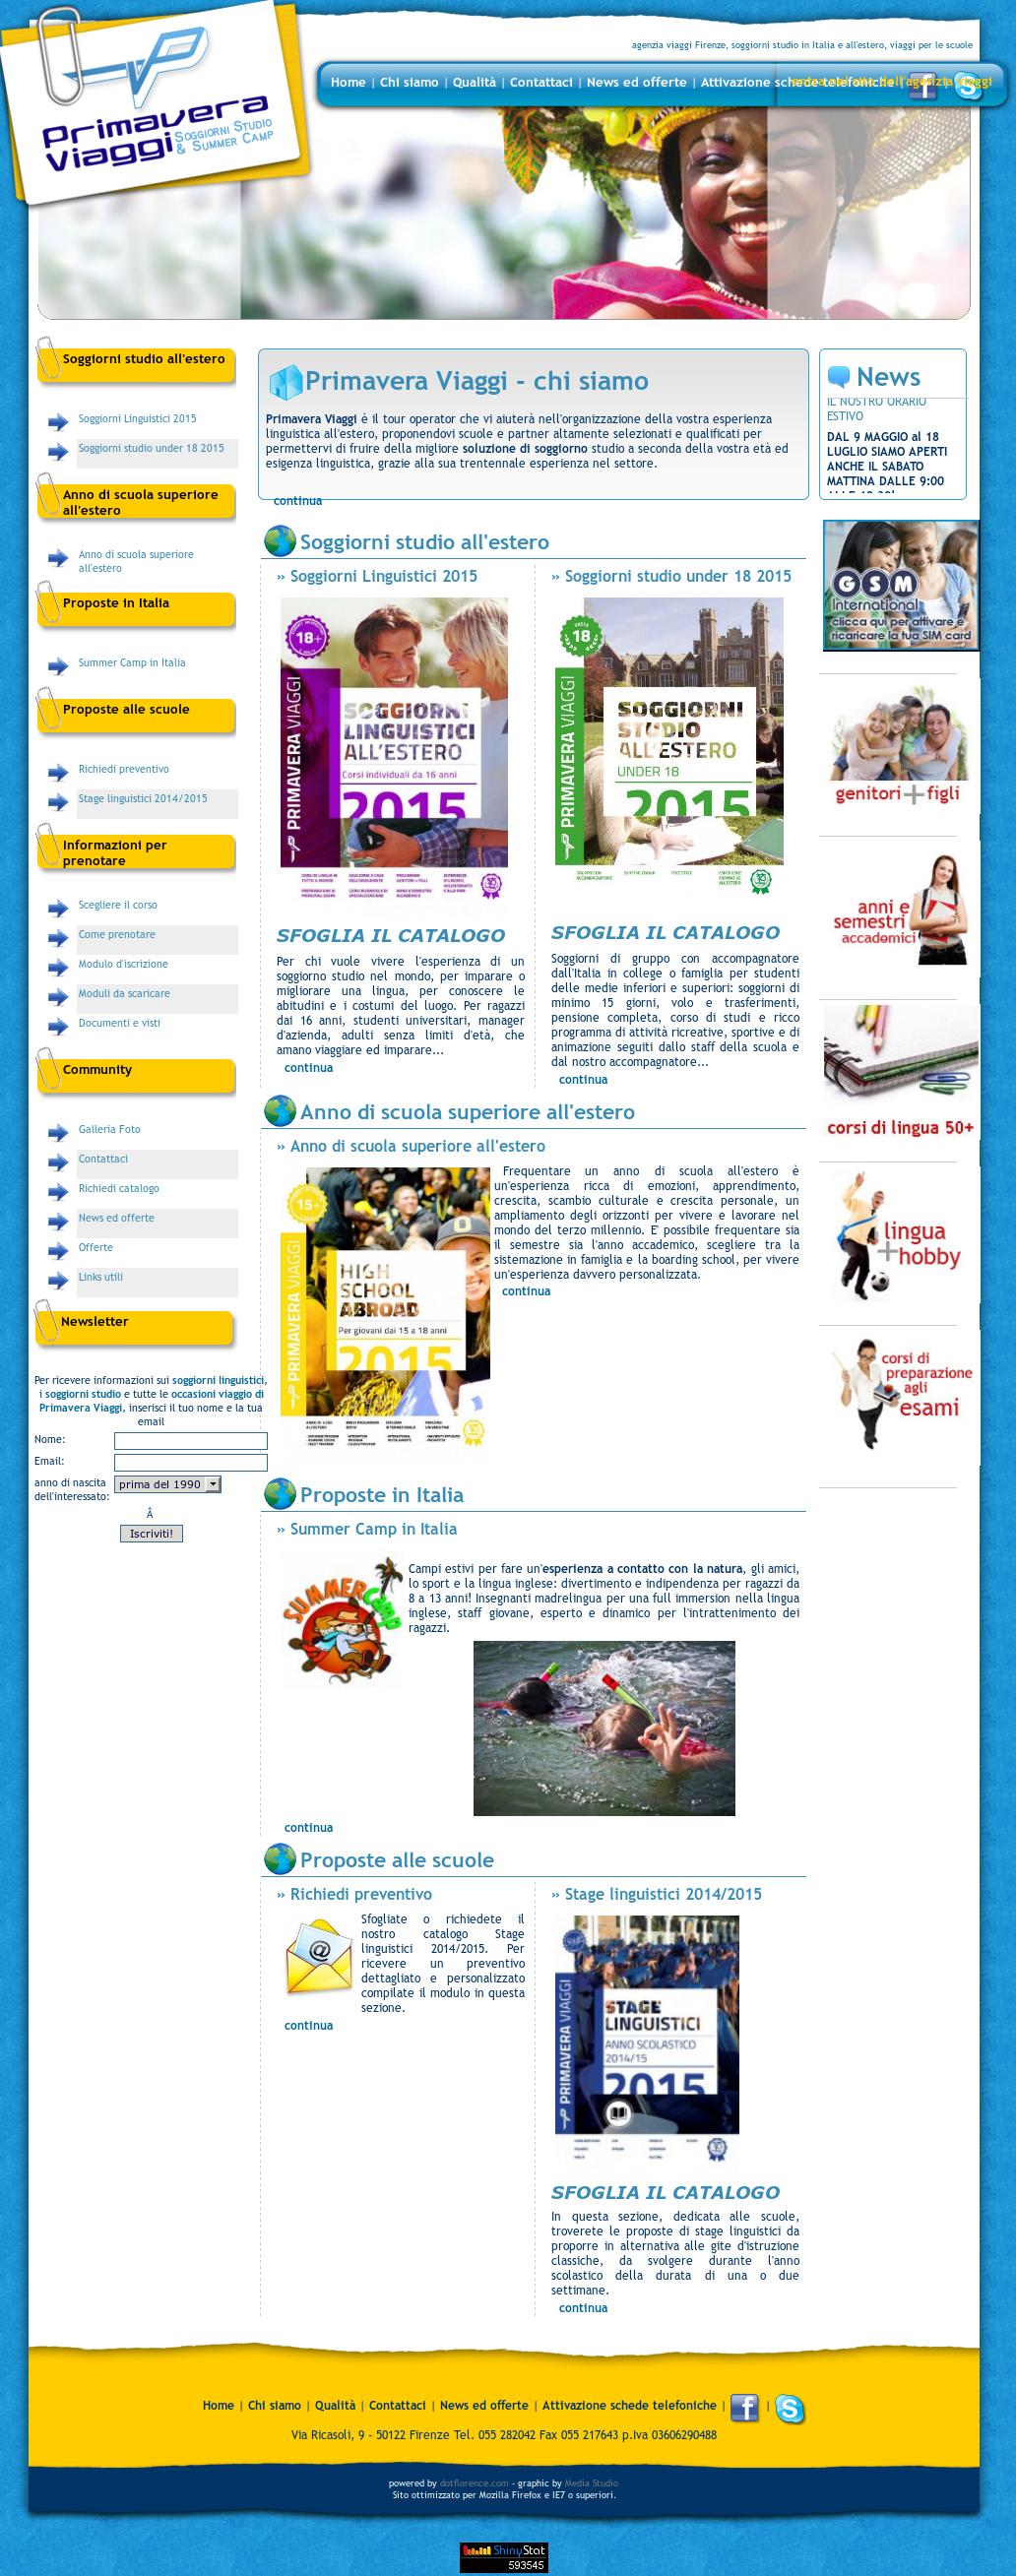 Primavera Viaggi Soggiorni Studio Competitors, Revenue and ...